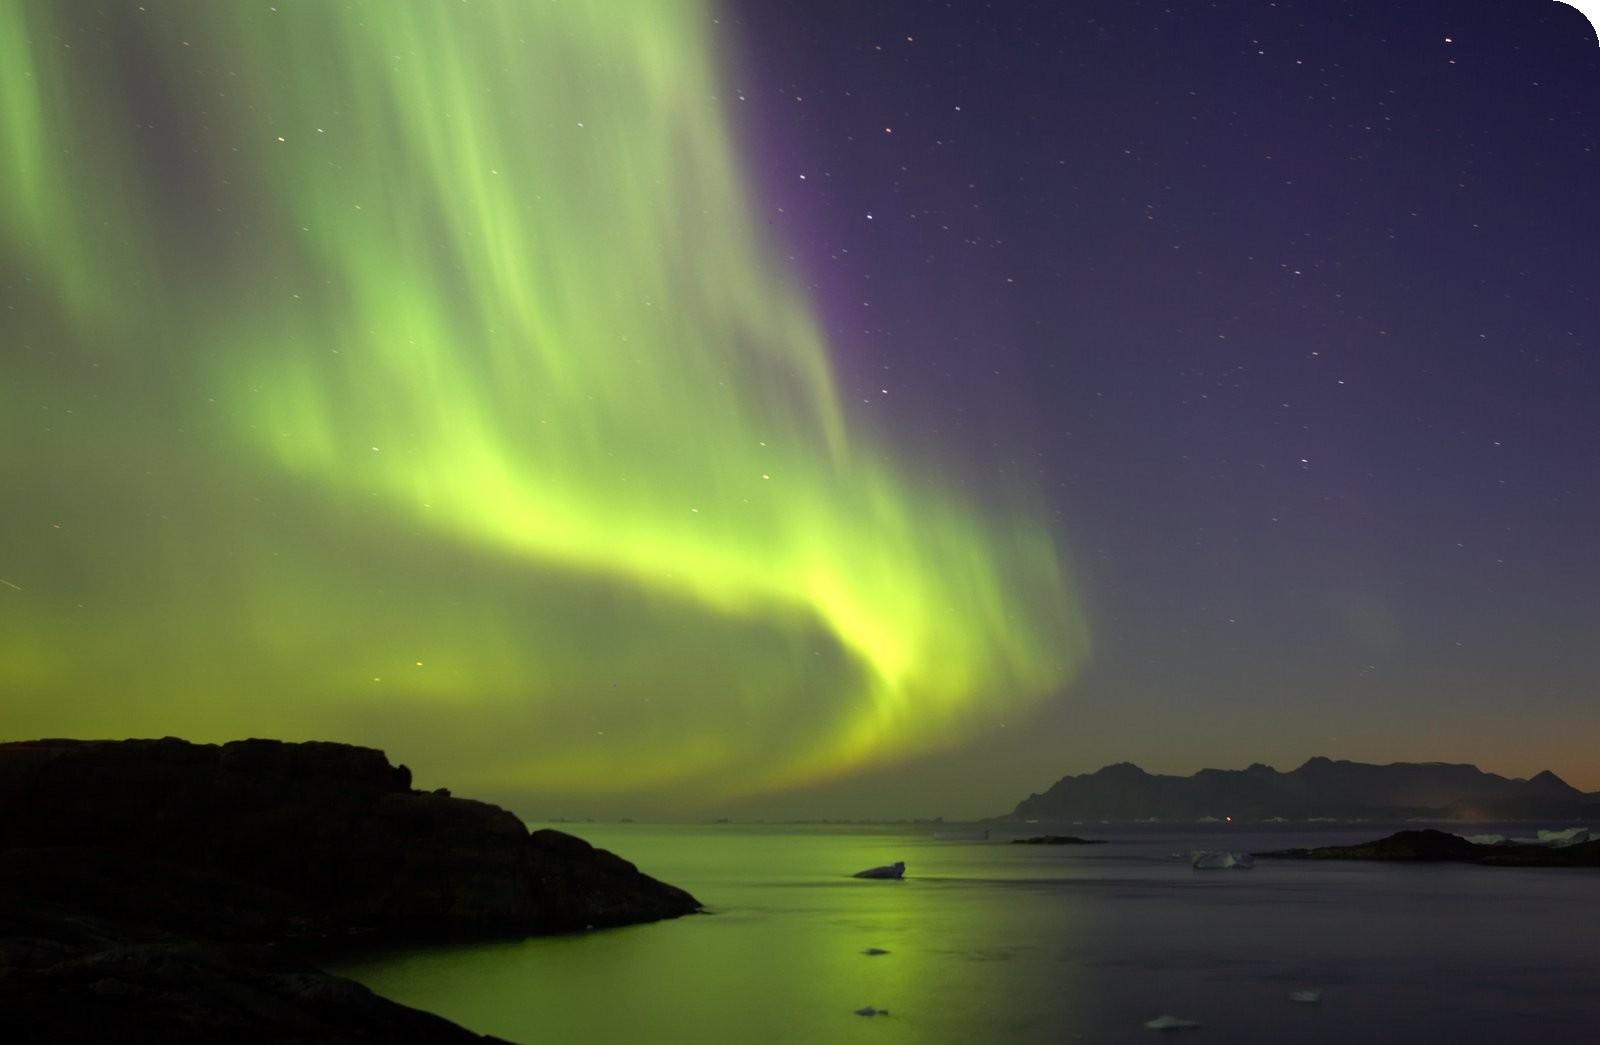 Astrofísica y Física: Los colores del cielo